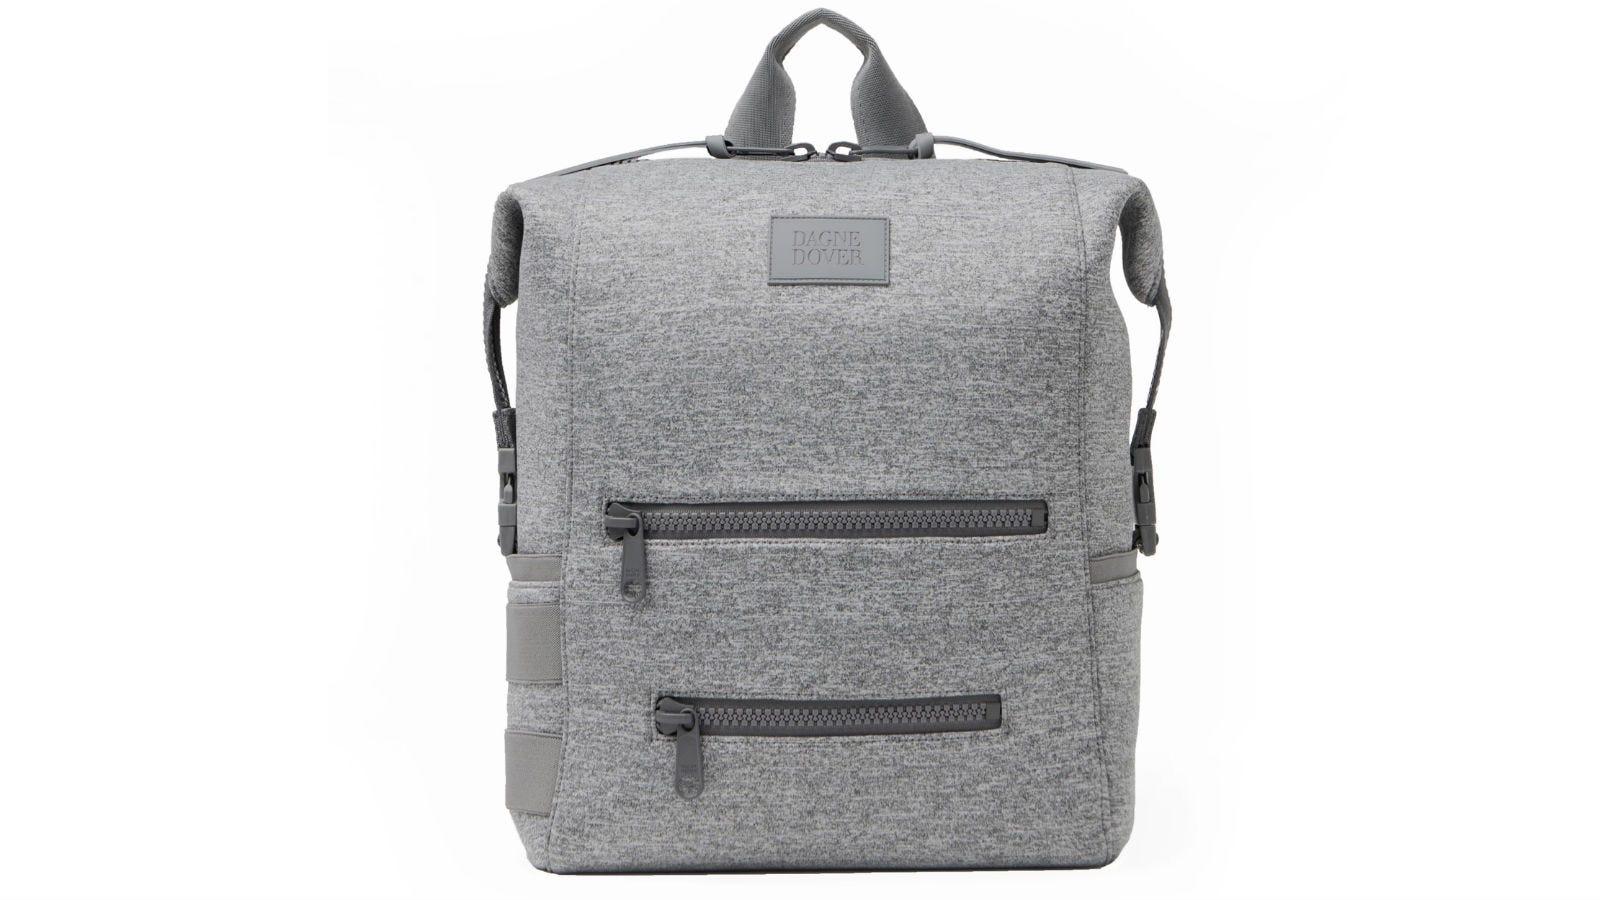 The Dagne Dover Diaper Backpack.